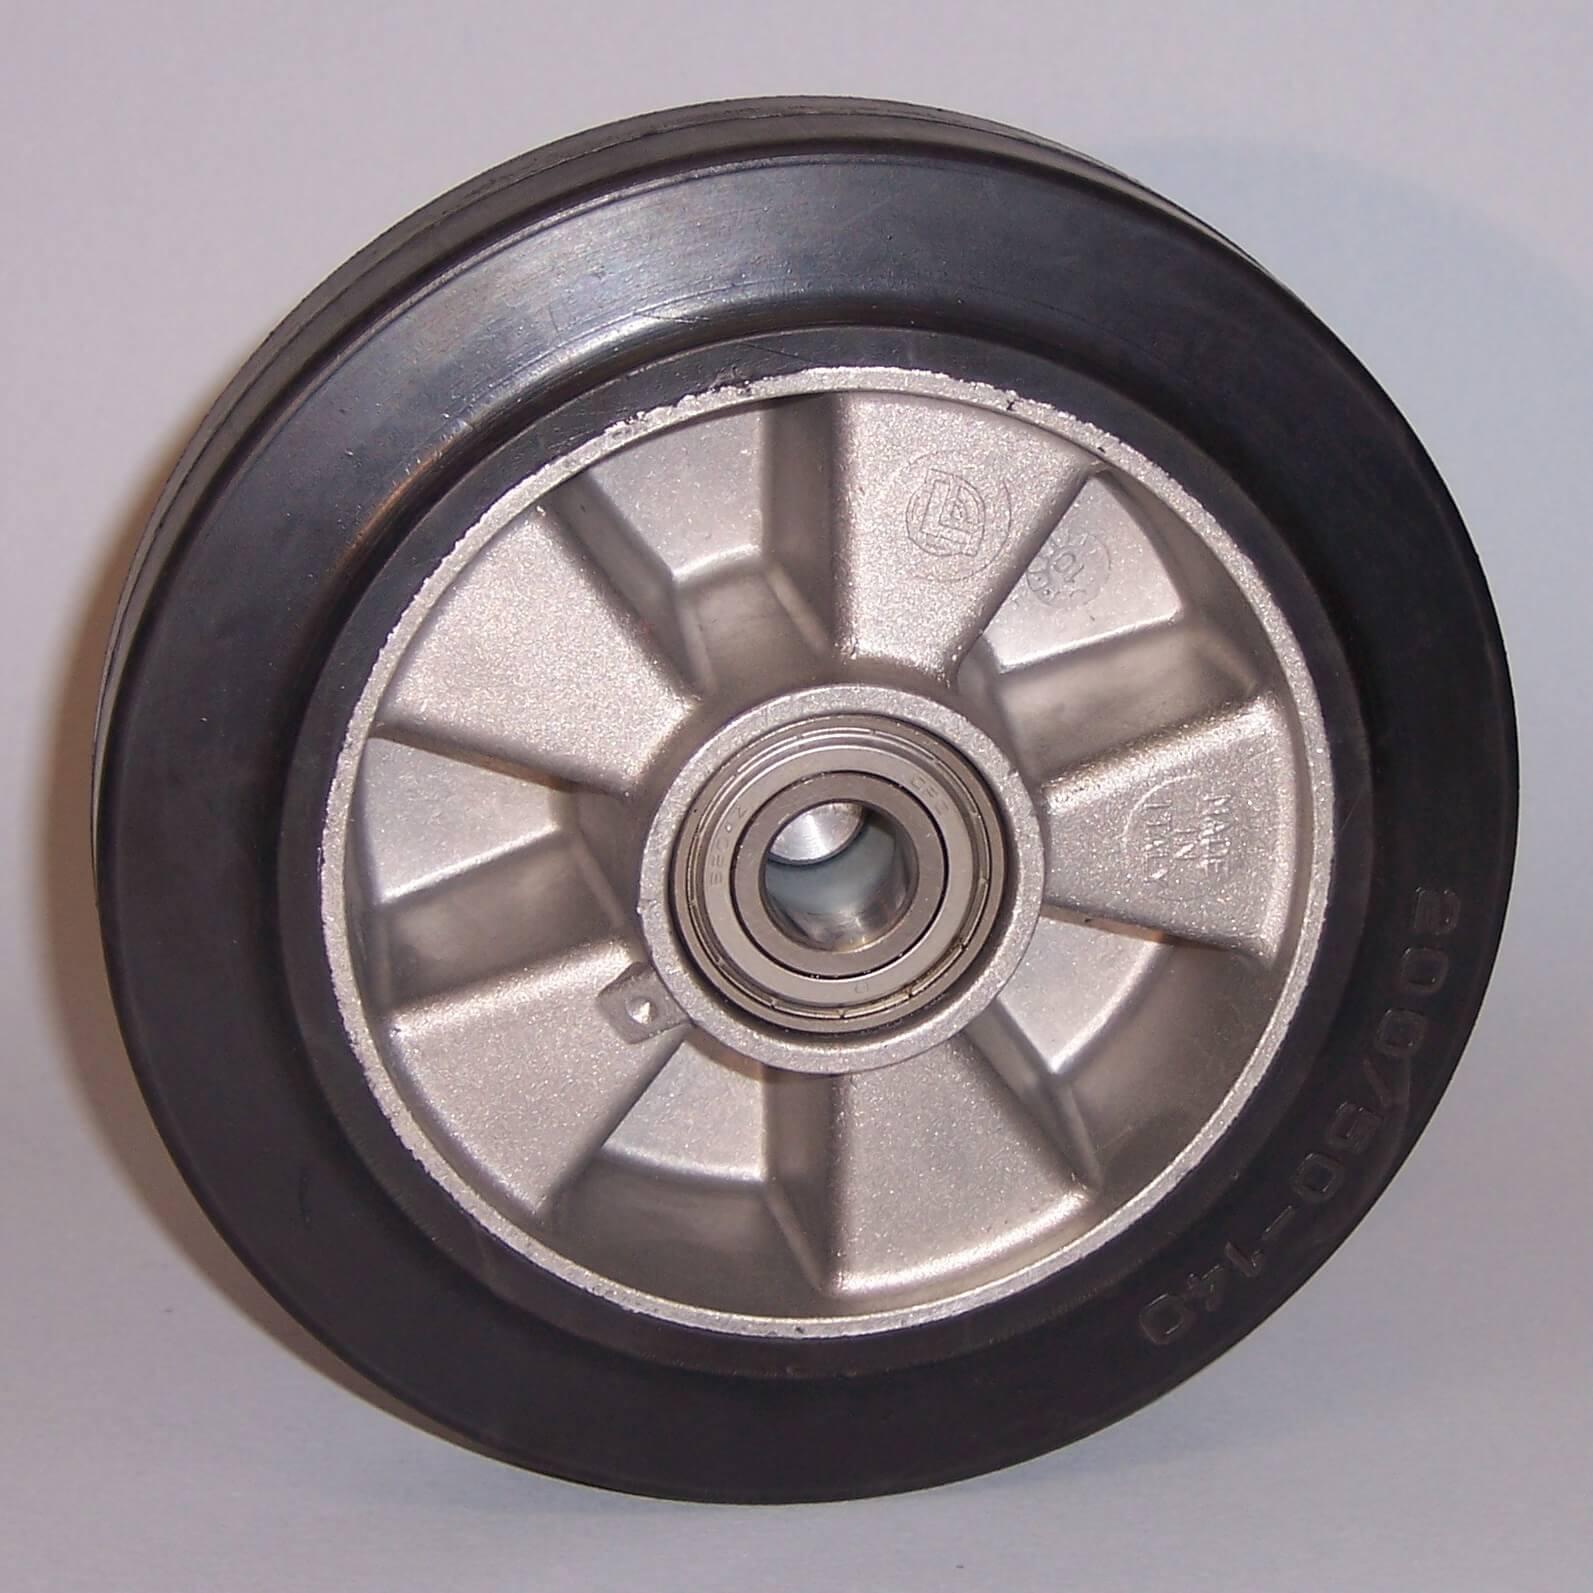 Ruote serie E Ruote in gomma elastica nera e mozzo in alluminio pressofuso. Disponibili con cuscinetti a sfere o rullini. Ruota con cuscinetti a sfere.